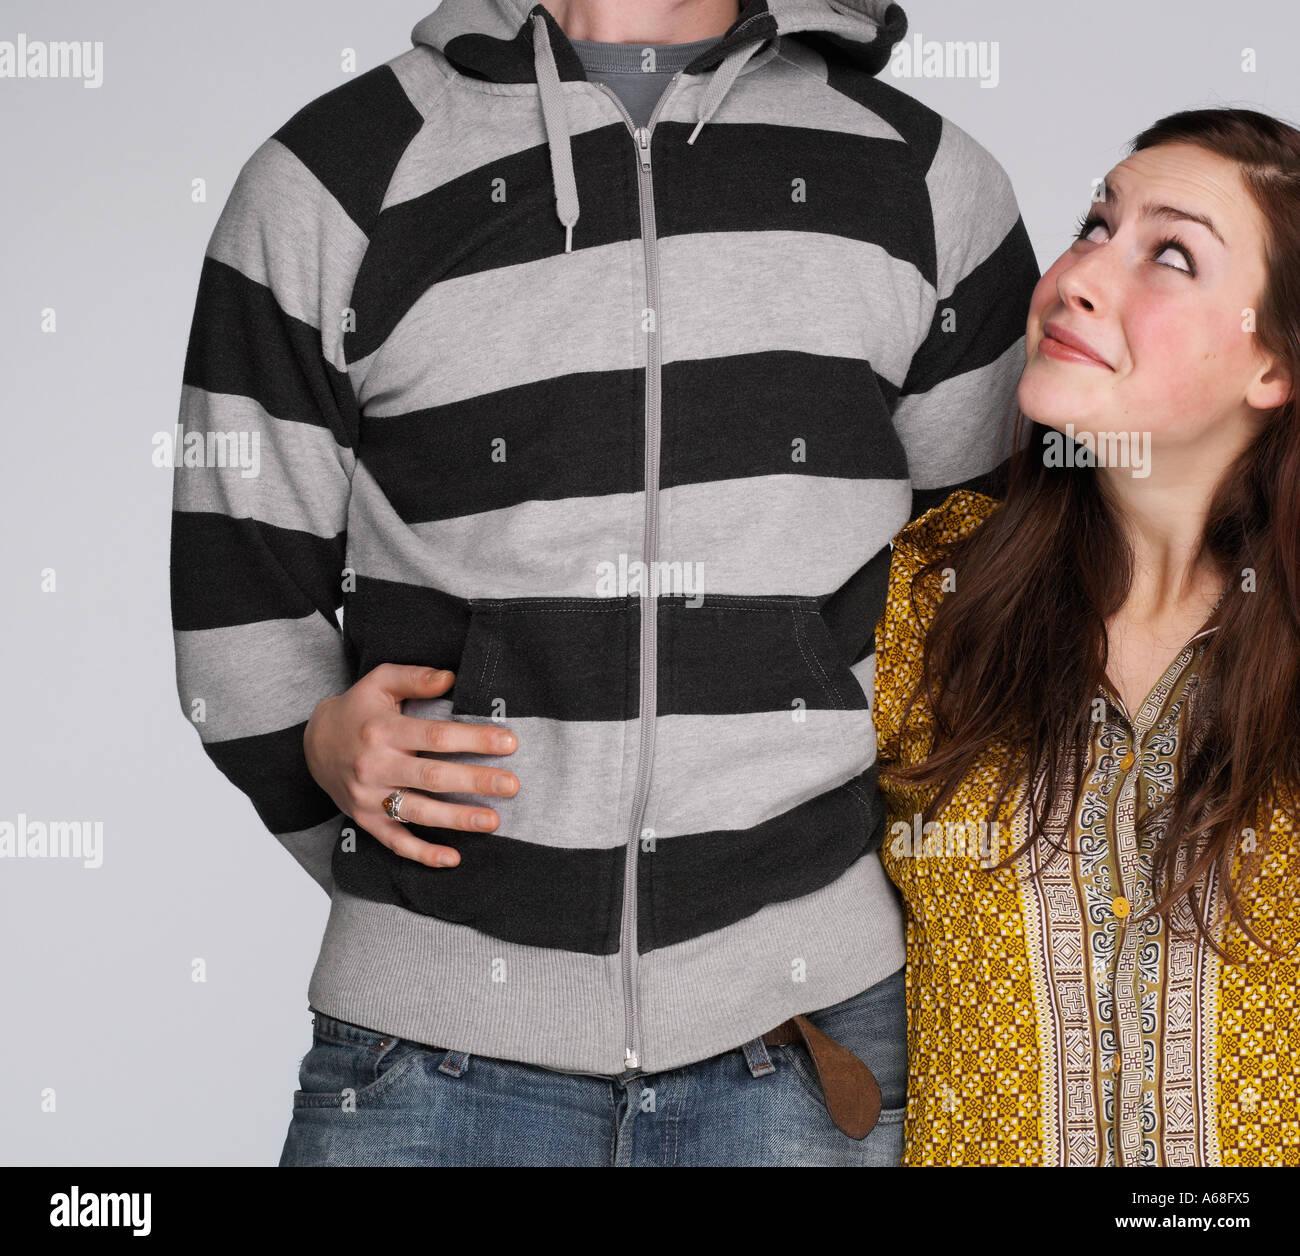 NOLA: Tall Girl Vs Boy